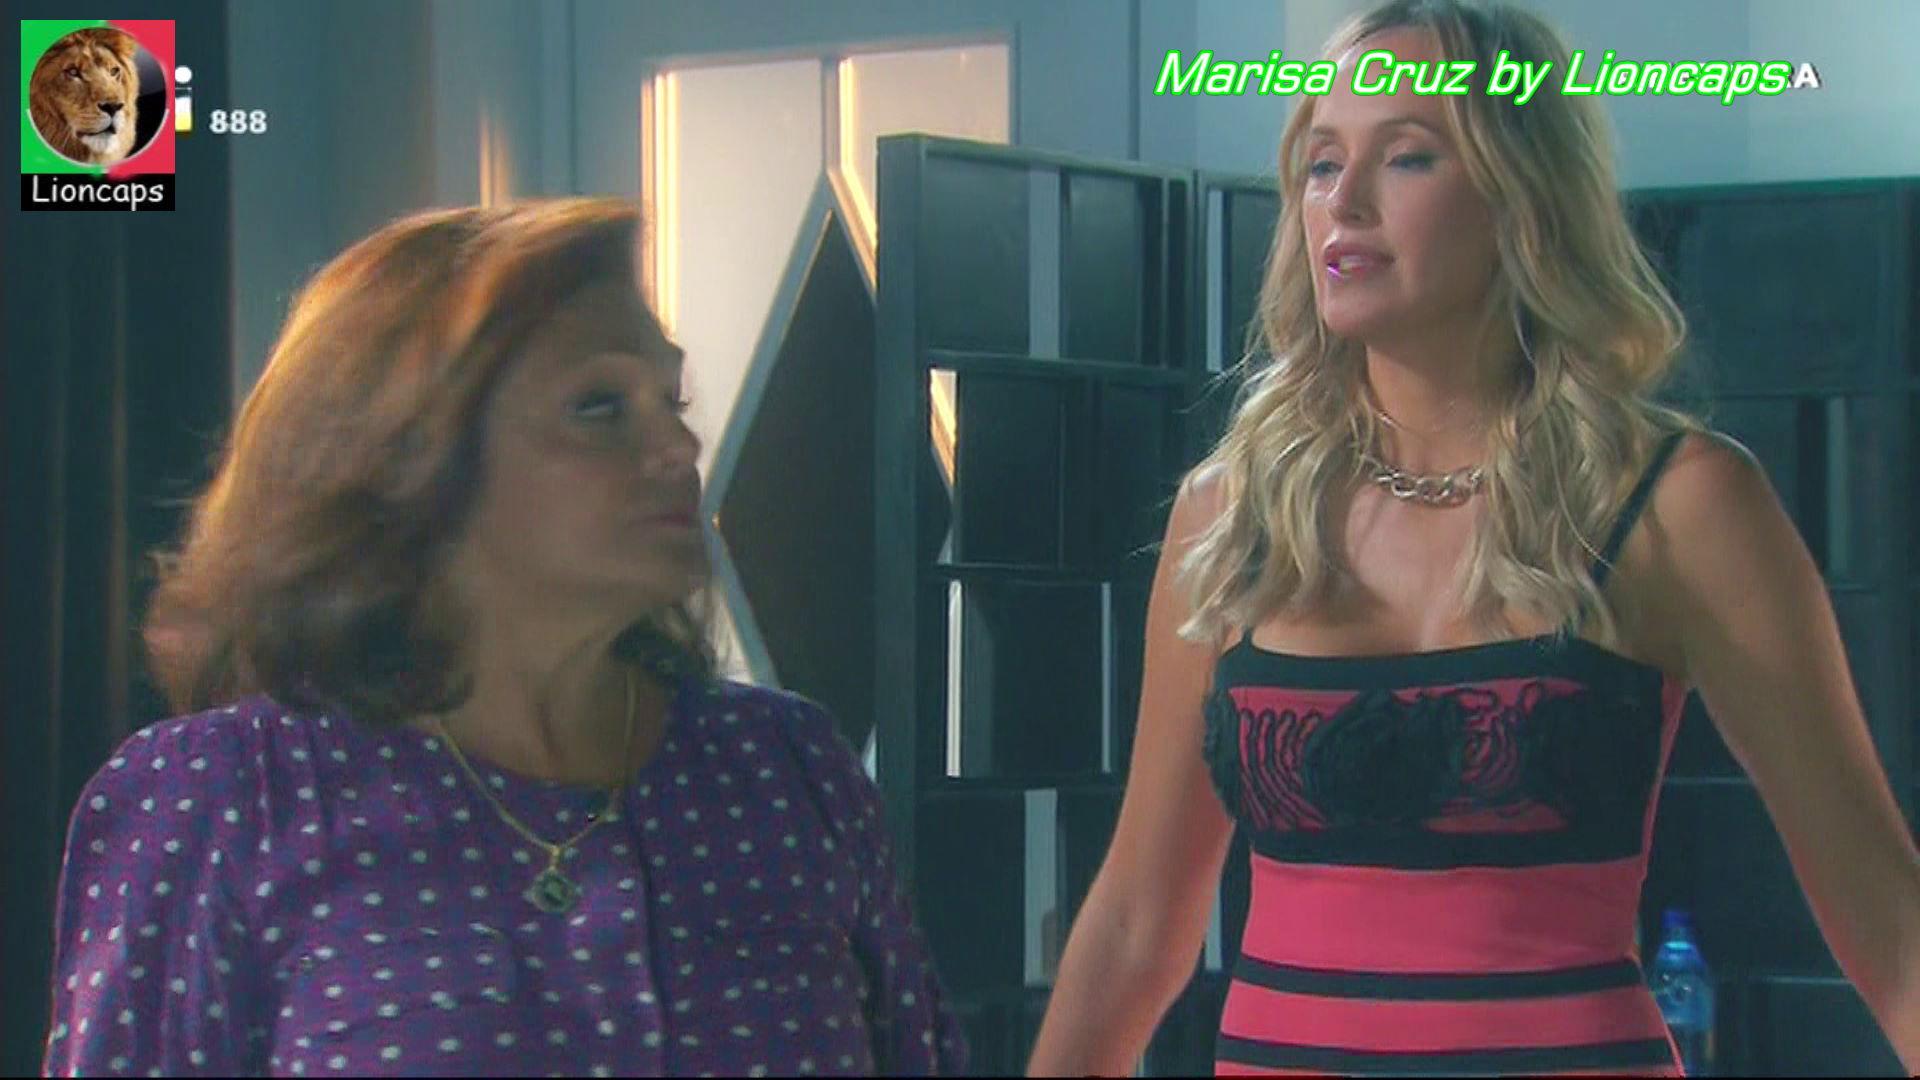 529868696_marisa_cruz_herdeira_vs180213_0735_122_77lo.JPG